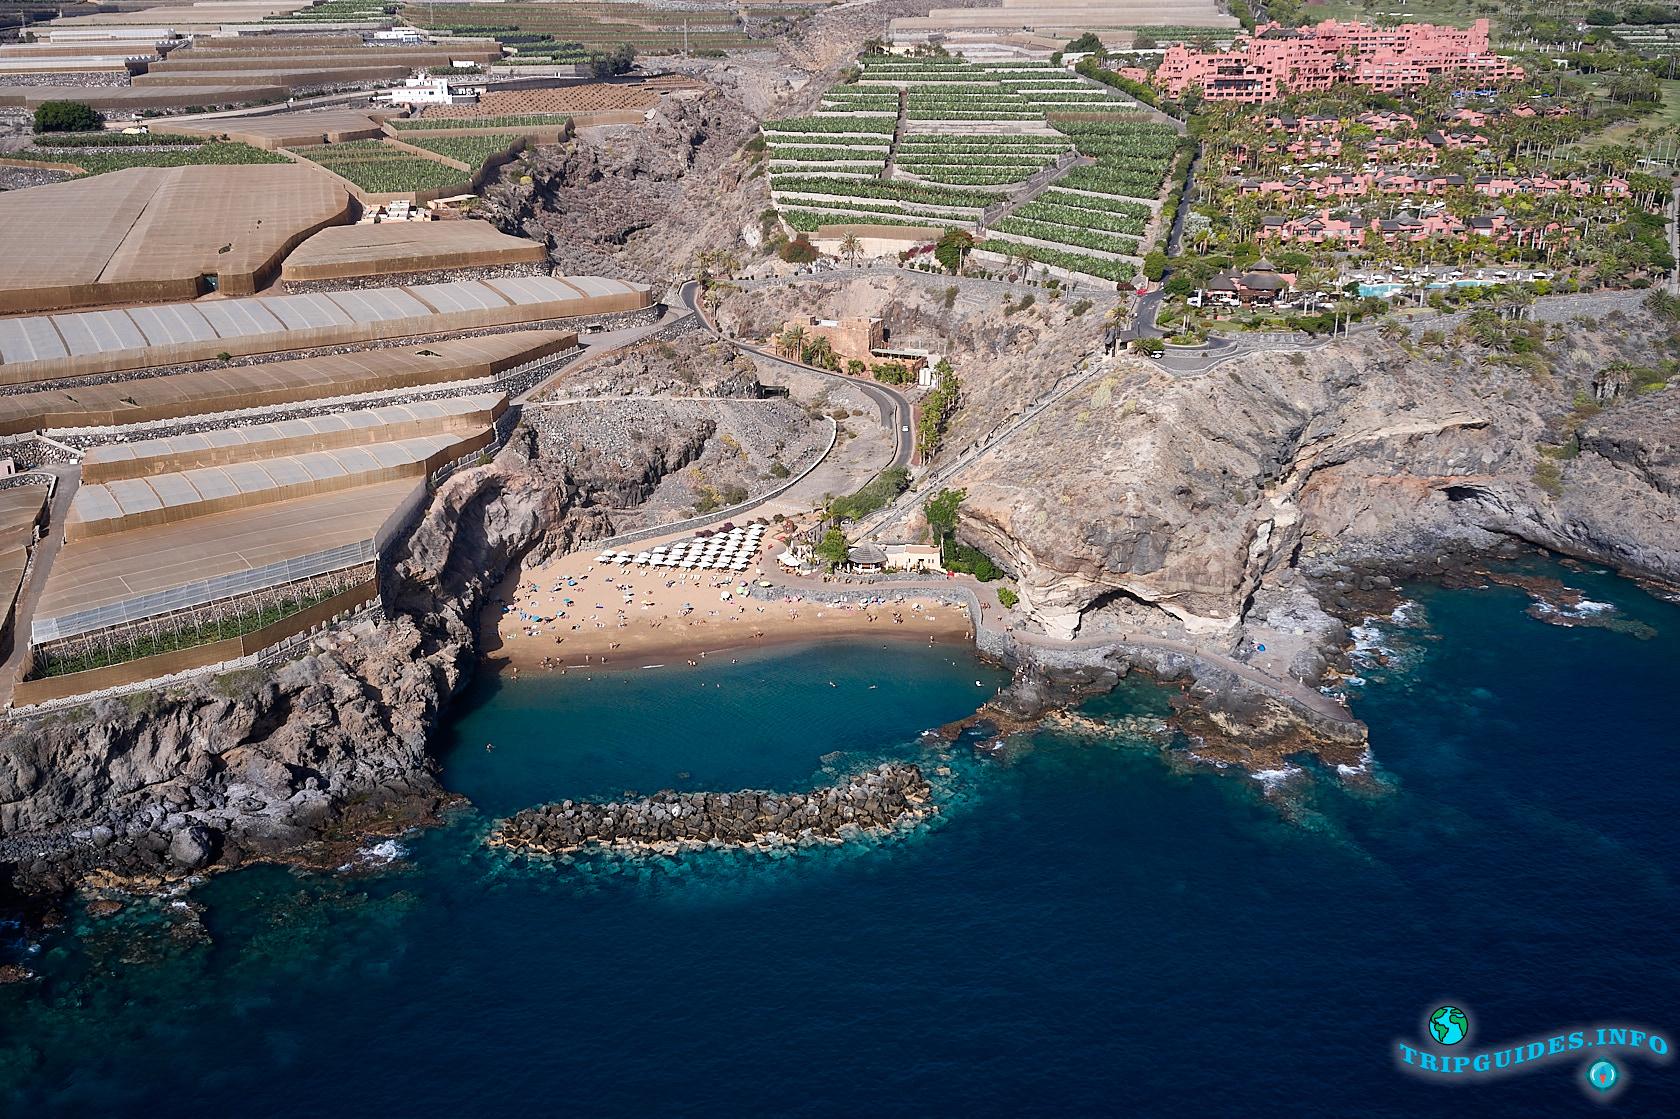 Пляж Абама (Playa de Abama) - пляж на Тенерифе (Канарские острова, Испания)